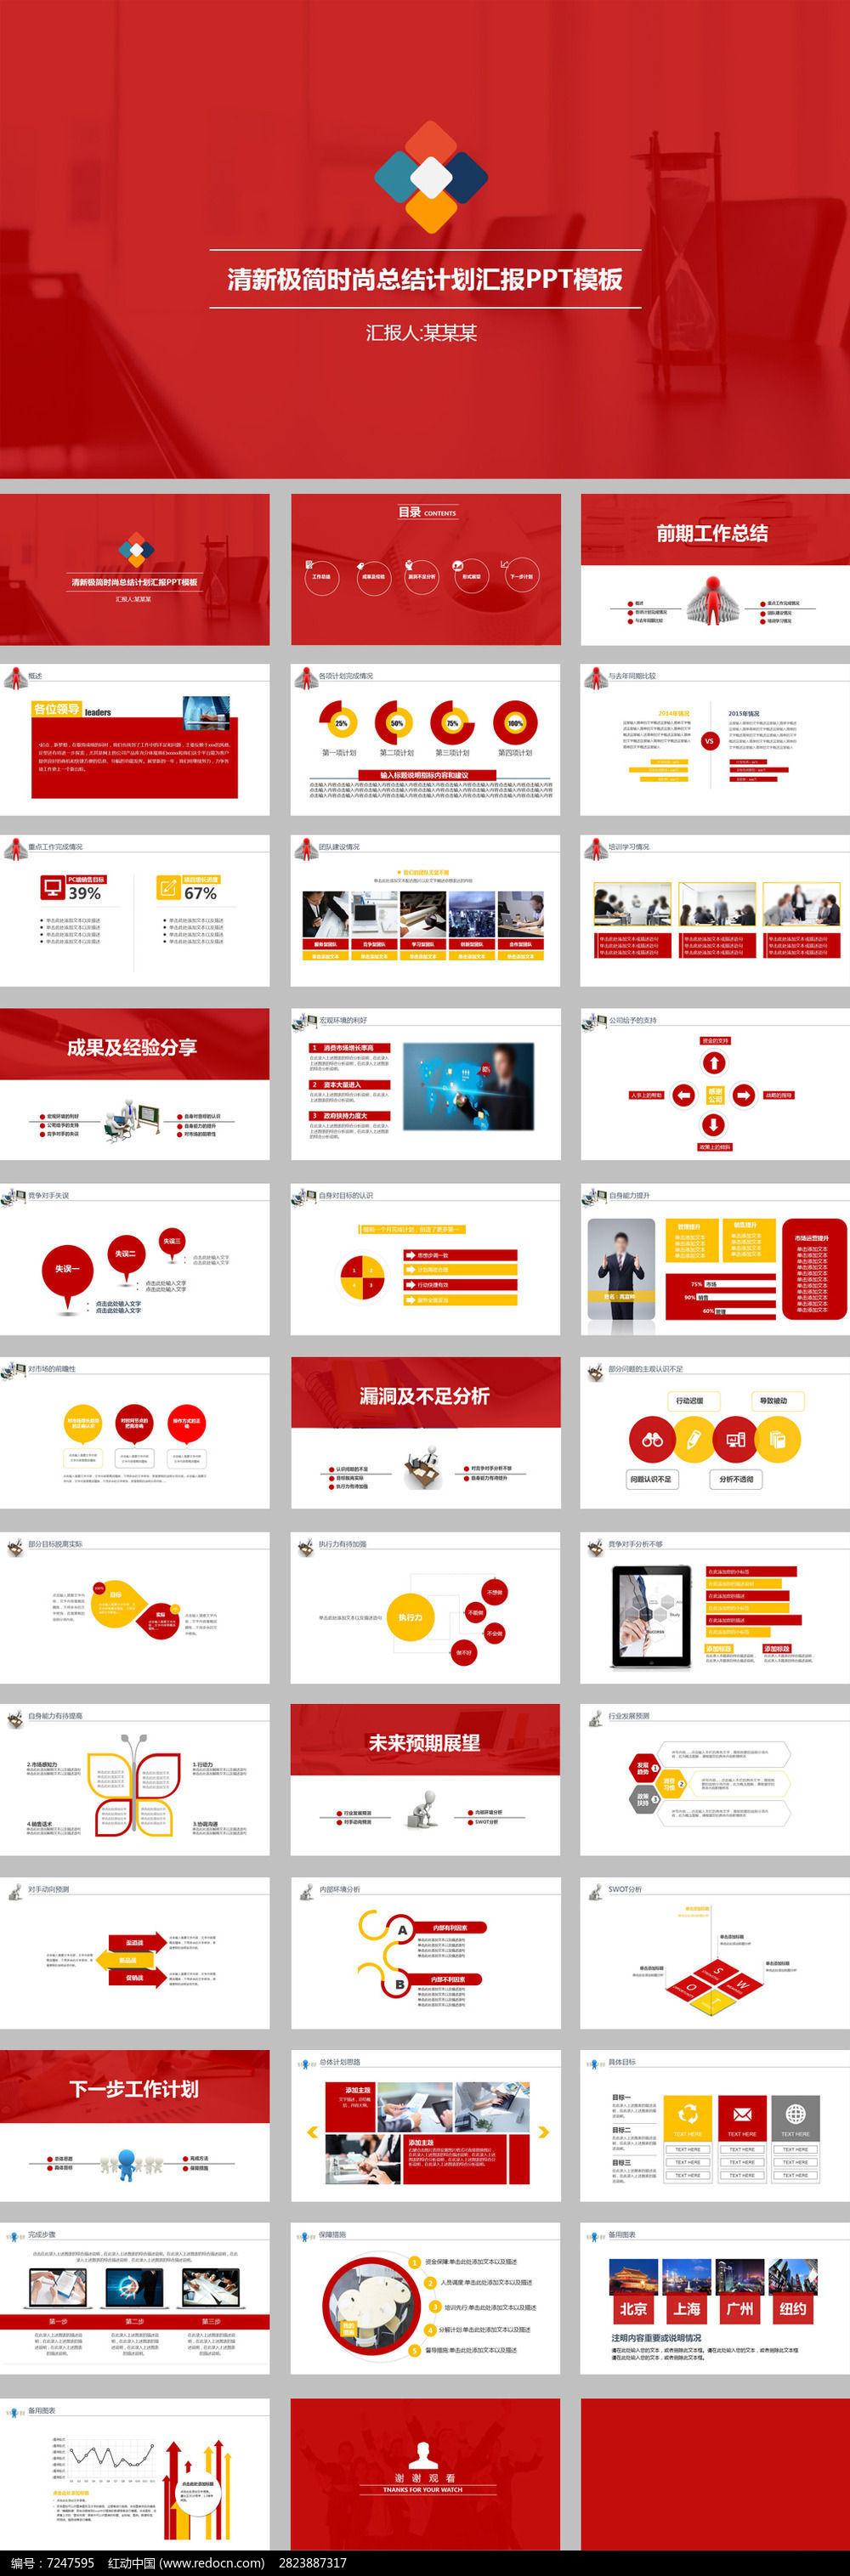 红色欧式简洁简约工作报告ppt模板